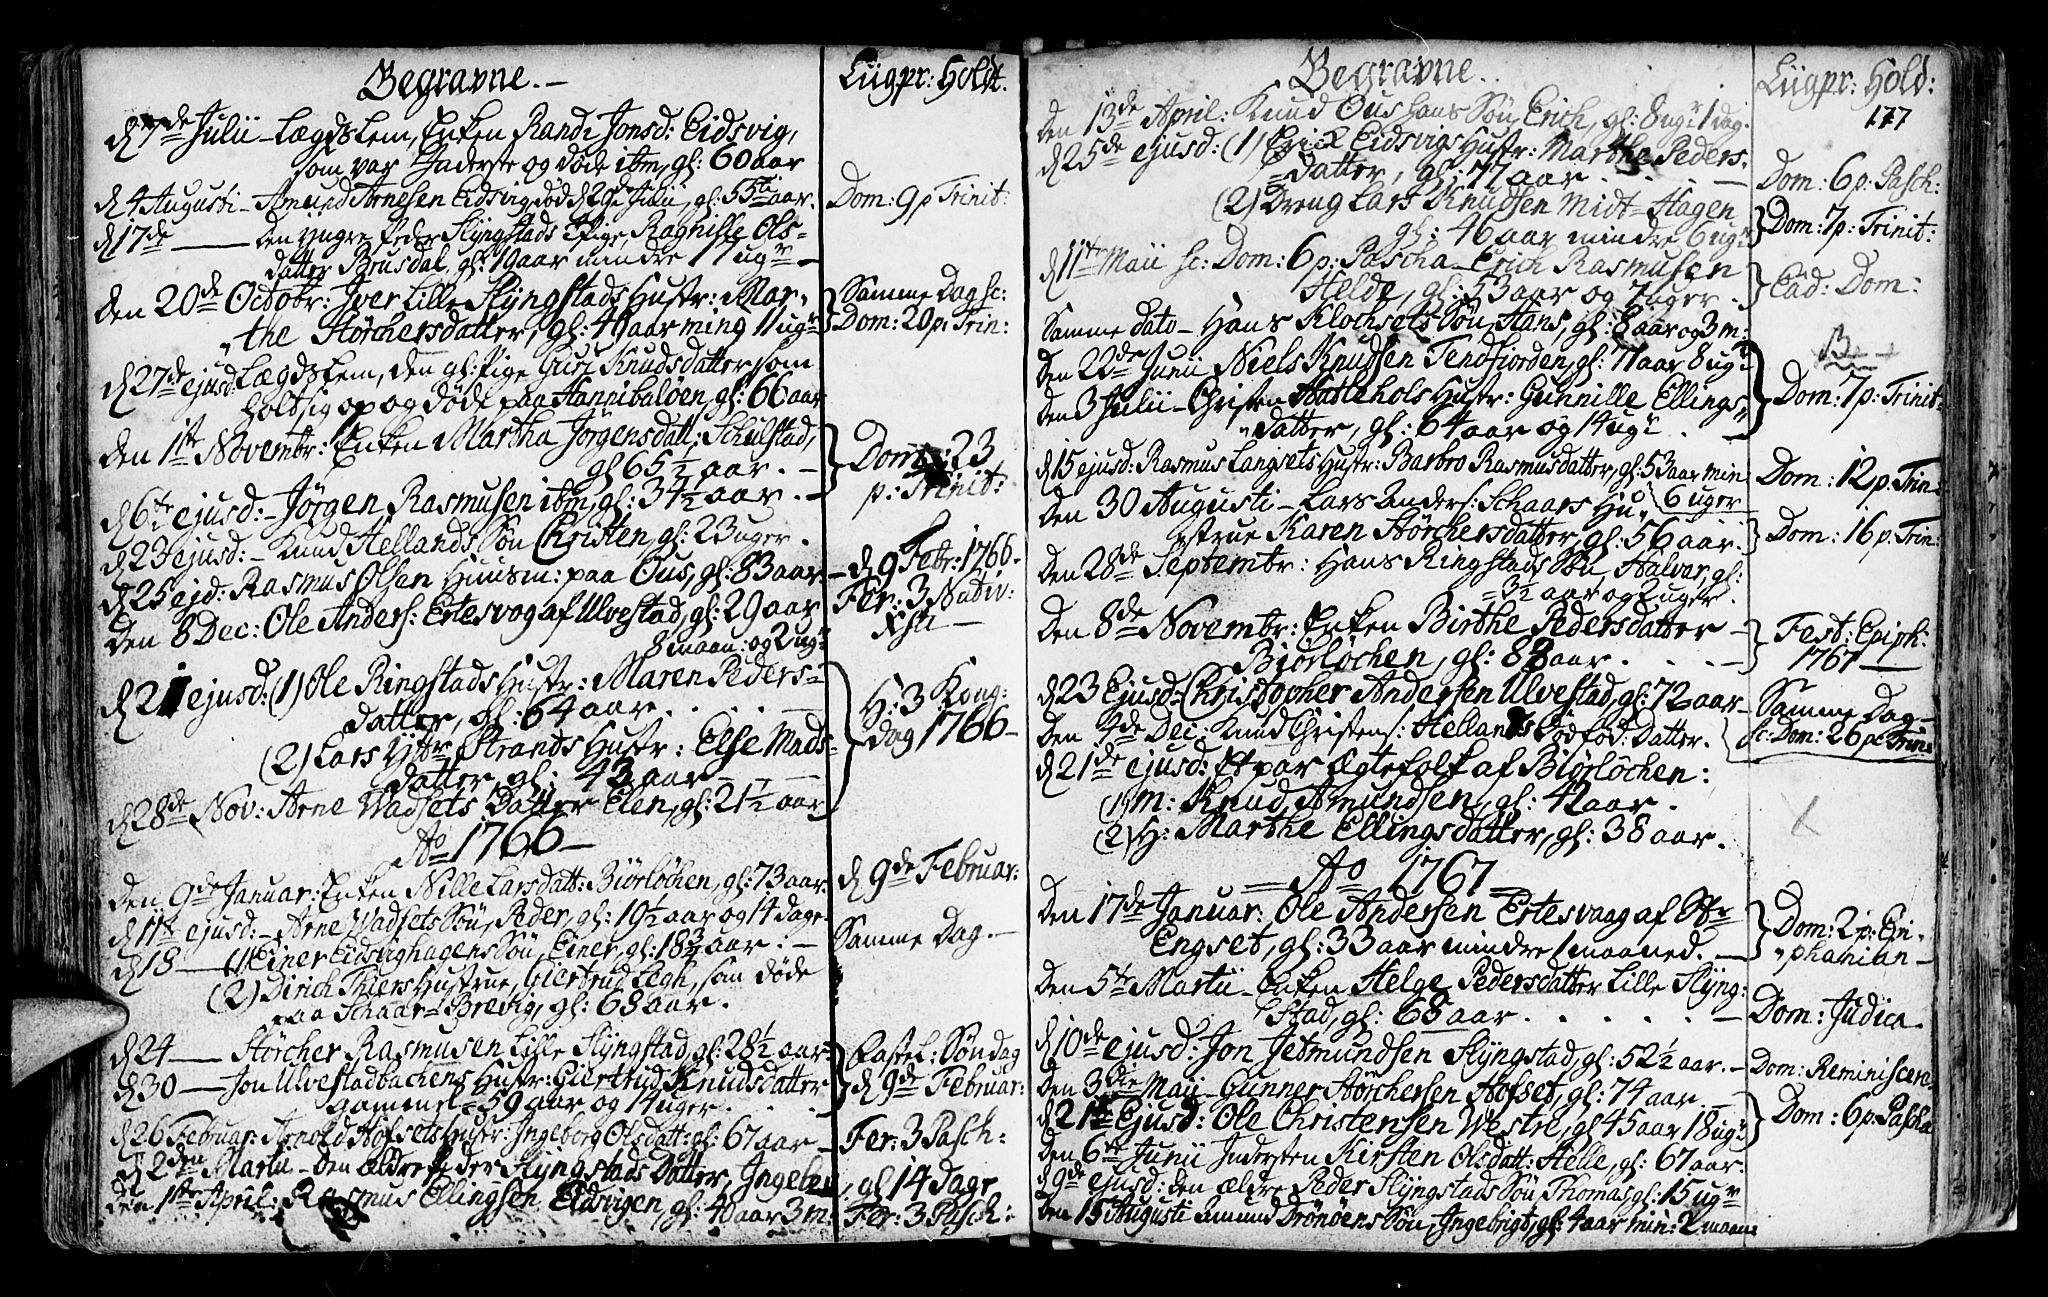 SAT, Ministerialprotokoller, klokkerbøker og fødselsregistre - Møre og Romsdal, 525/L0371: Ministerialbok nr. 525A01, 1699-1777, s. 177